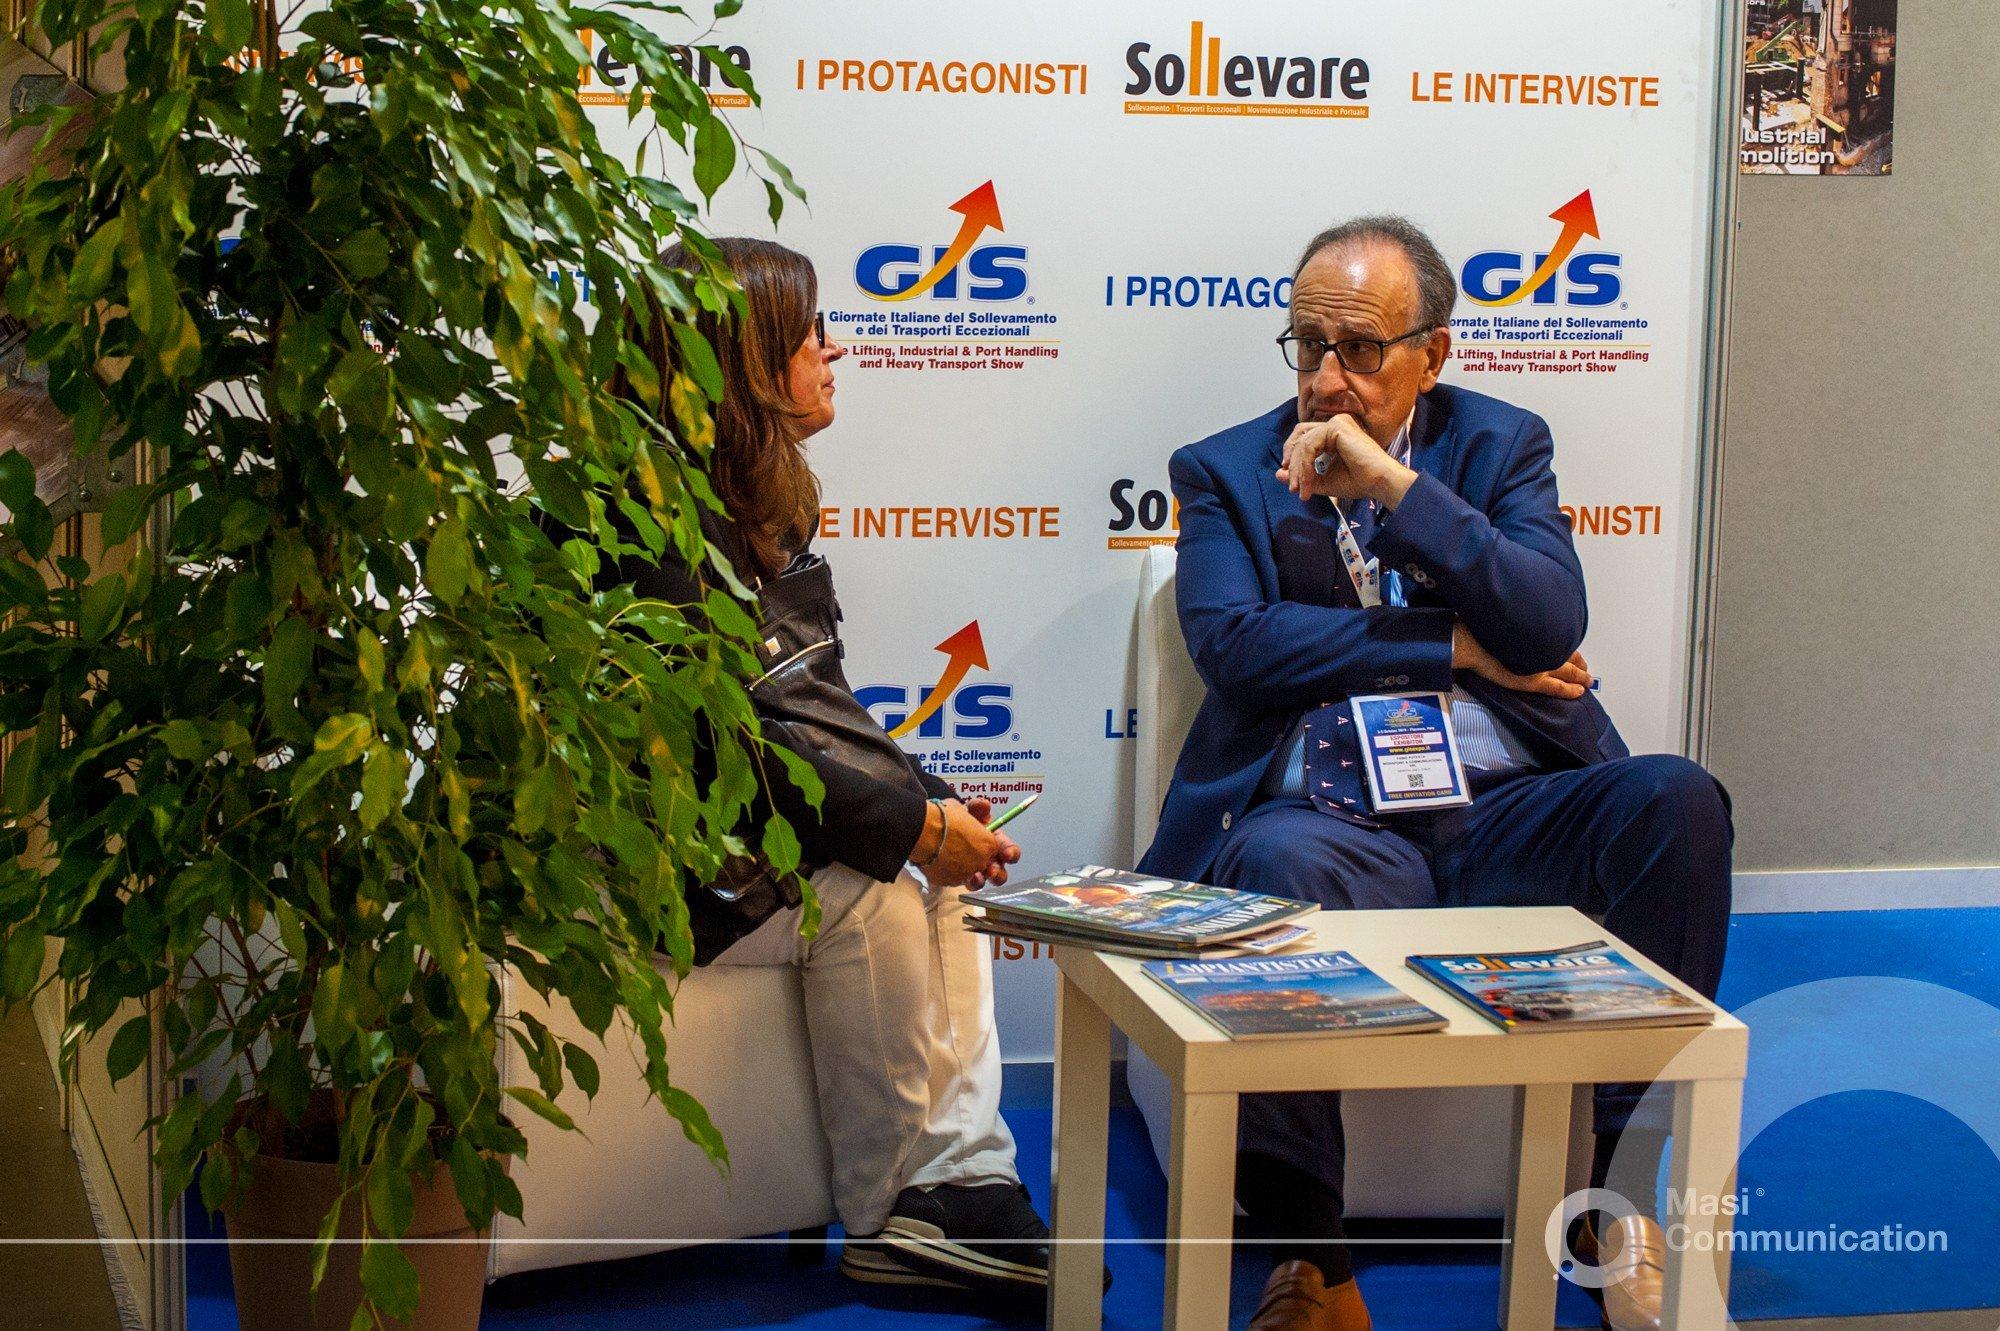 Fabio Potestà, patron delle Giornate Italiane del Sollevamento e presidente di Mediapoint & Communications